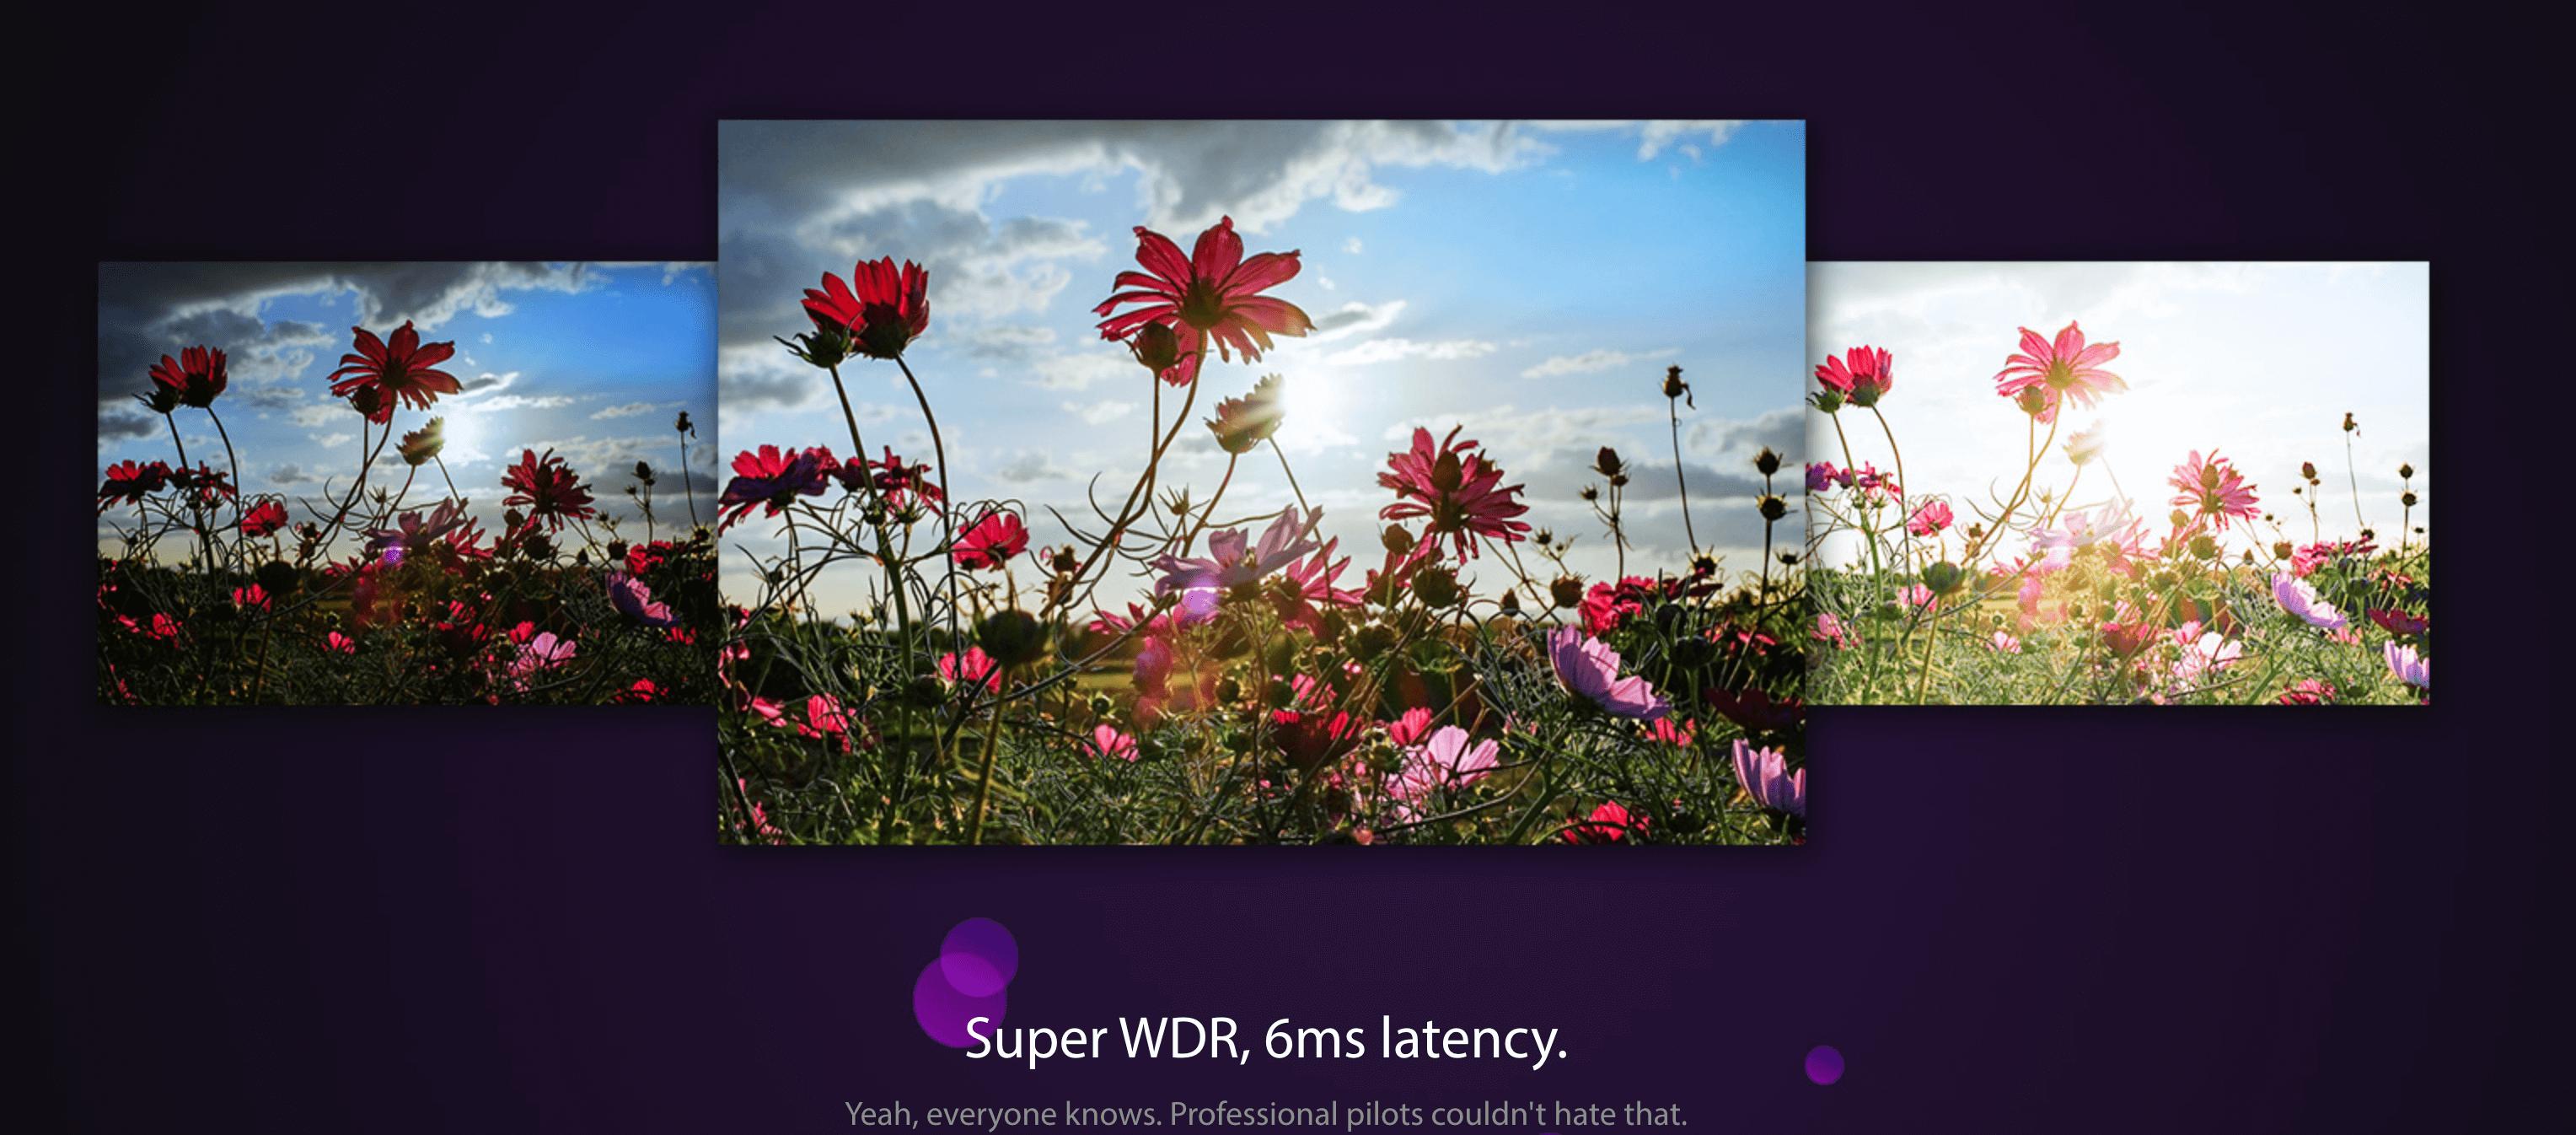 RunCam Racer 3 FPV Camera latency